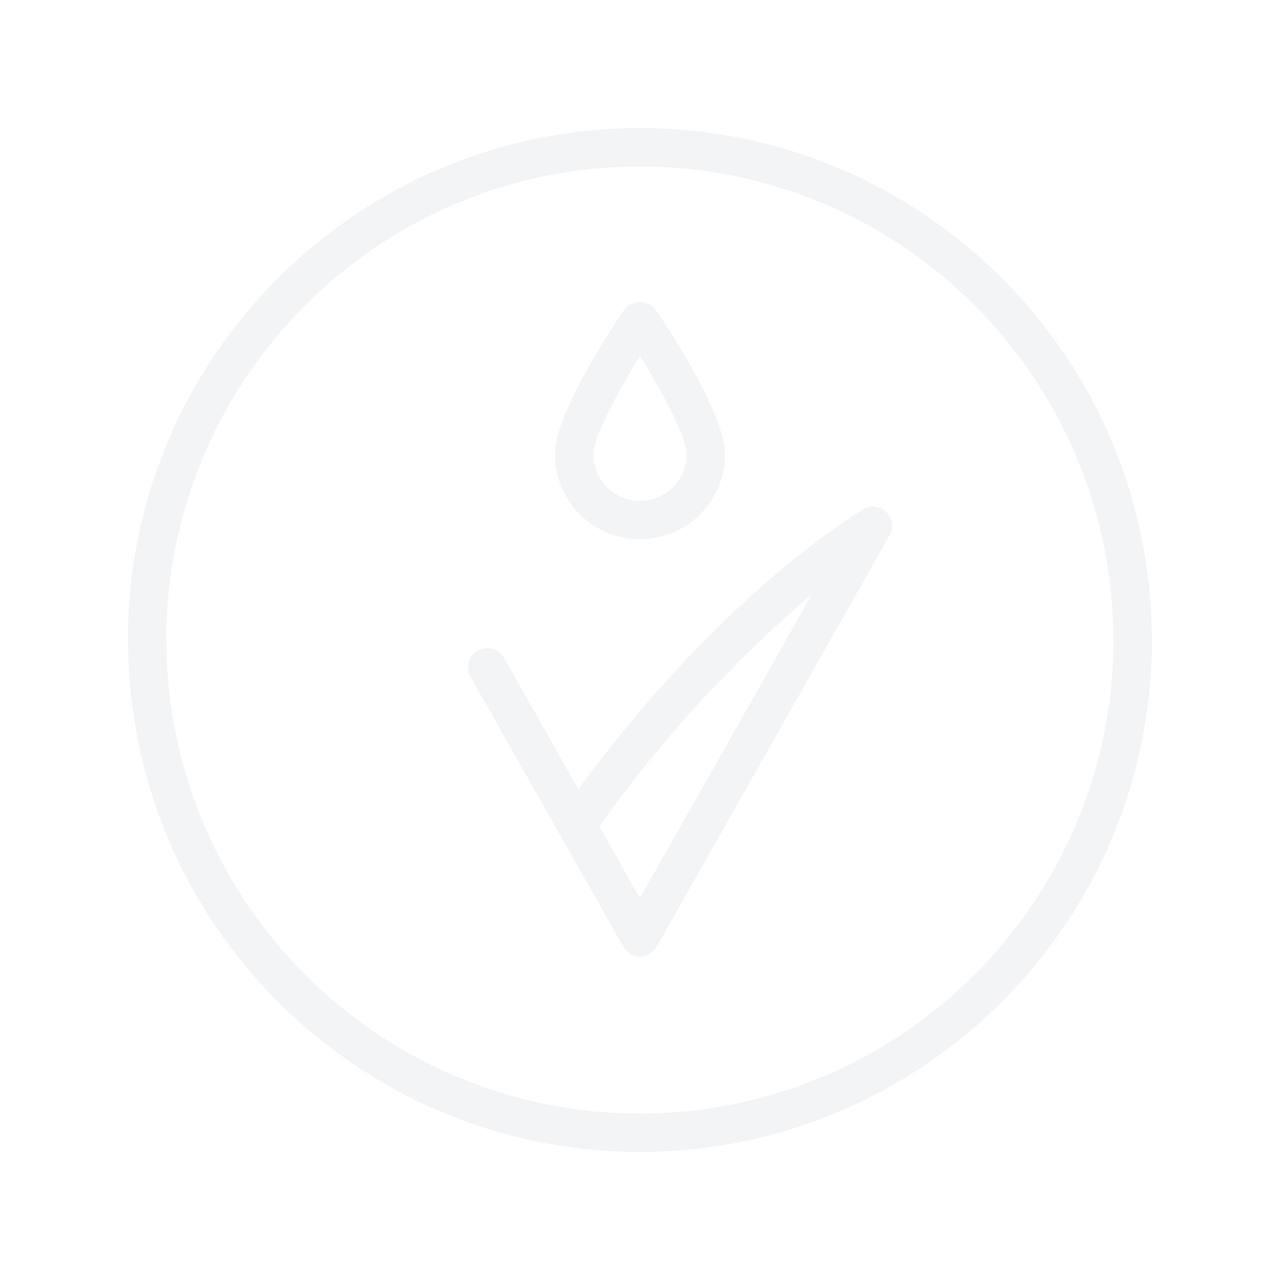 BOURJOIS Air Mat Powder 10g